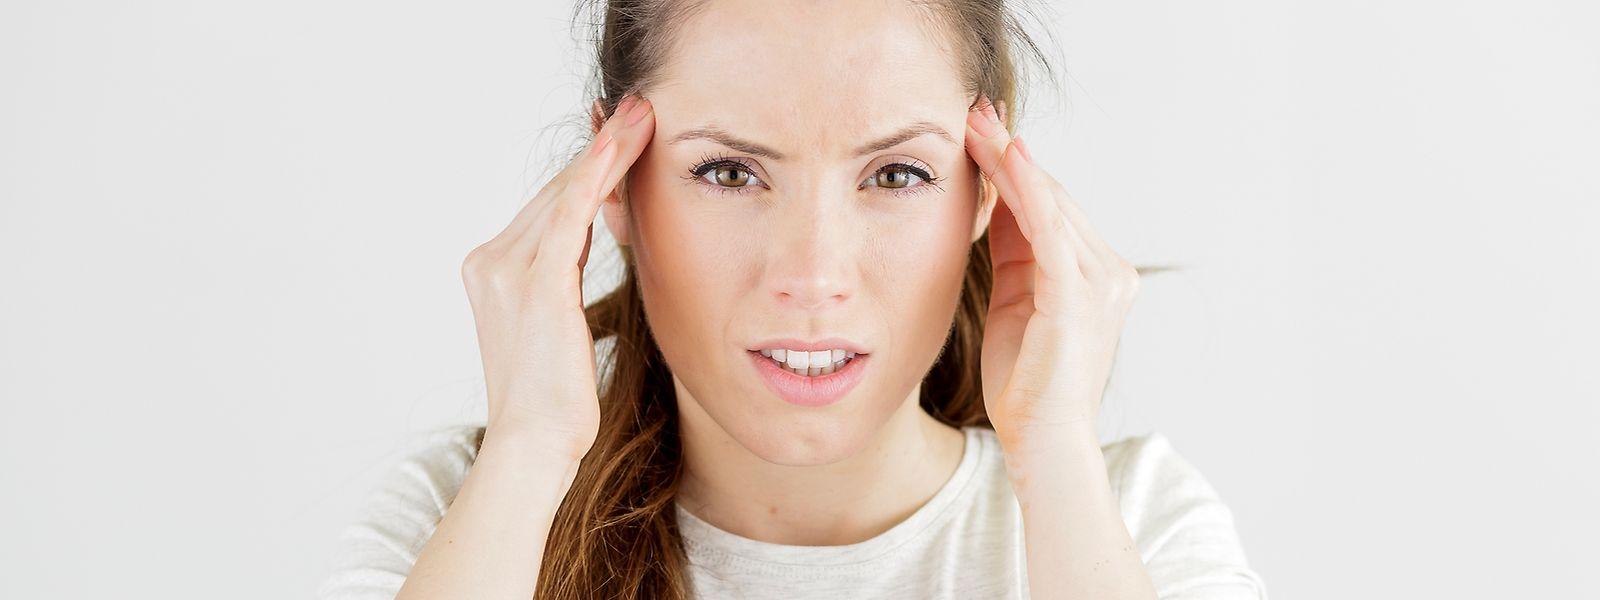 Eine Migräne-Attacke kommt oft ohne Vorwarnung. Die pulsierenden Schmerzen werden durch Bewegung nur noch schlimmer. Hinzu kommt oft Übelkeit und Erbrechen, Licht- oder Lärmempfindlichkeit.